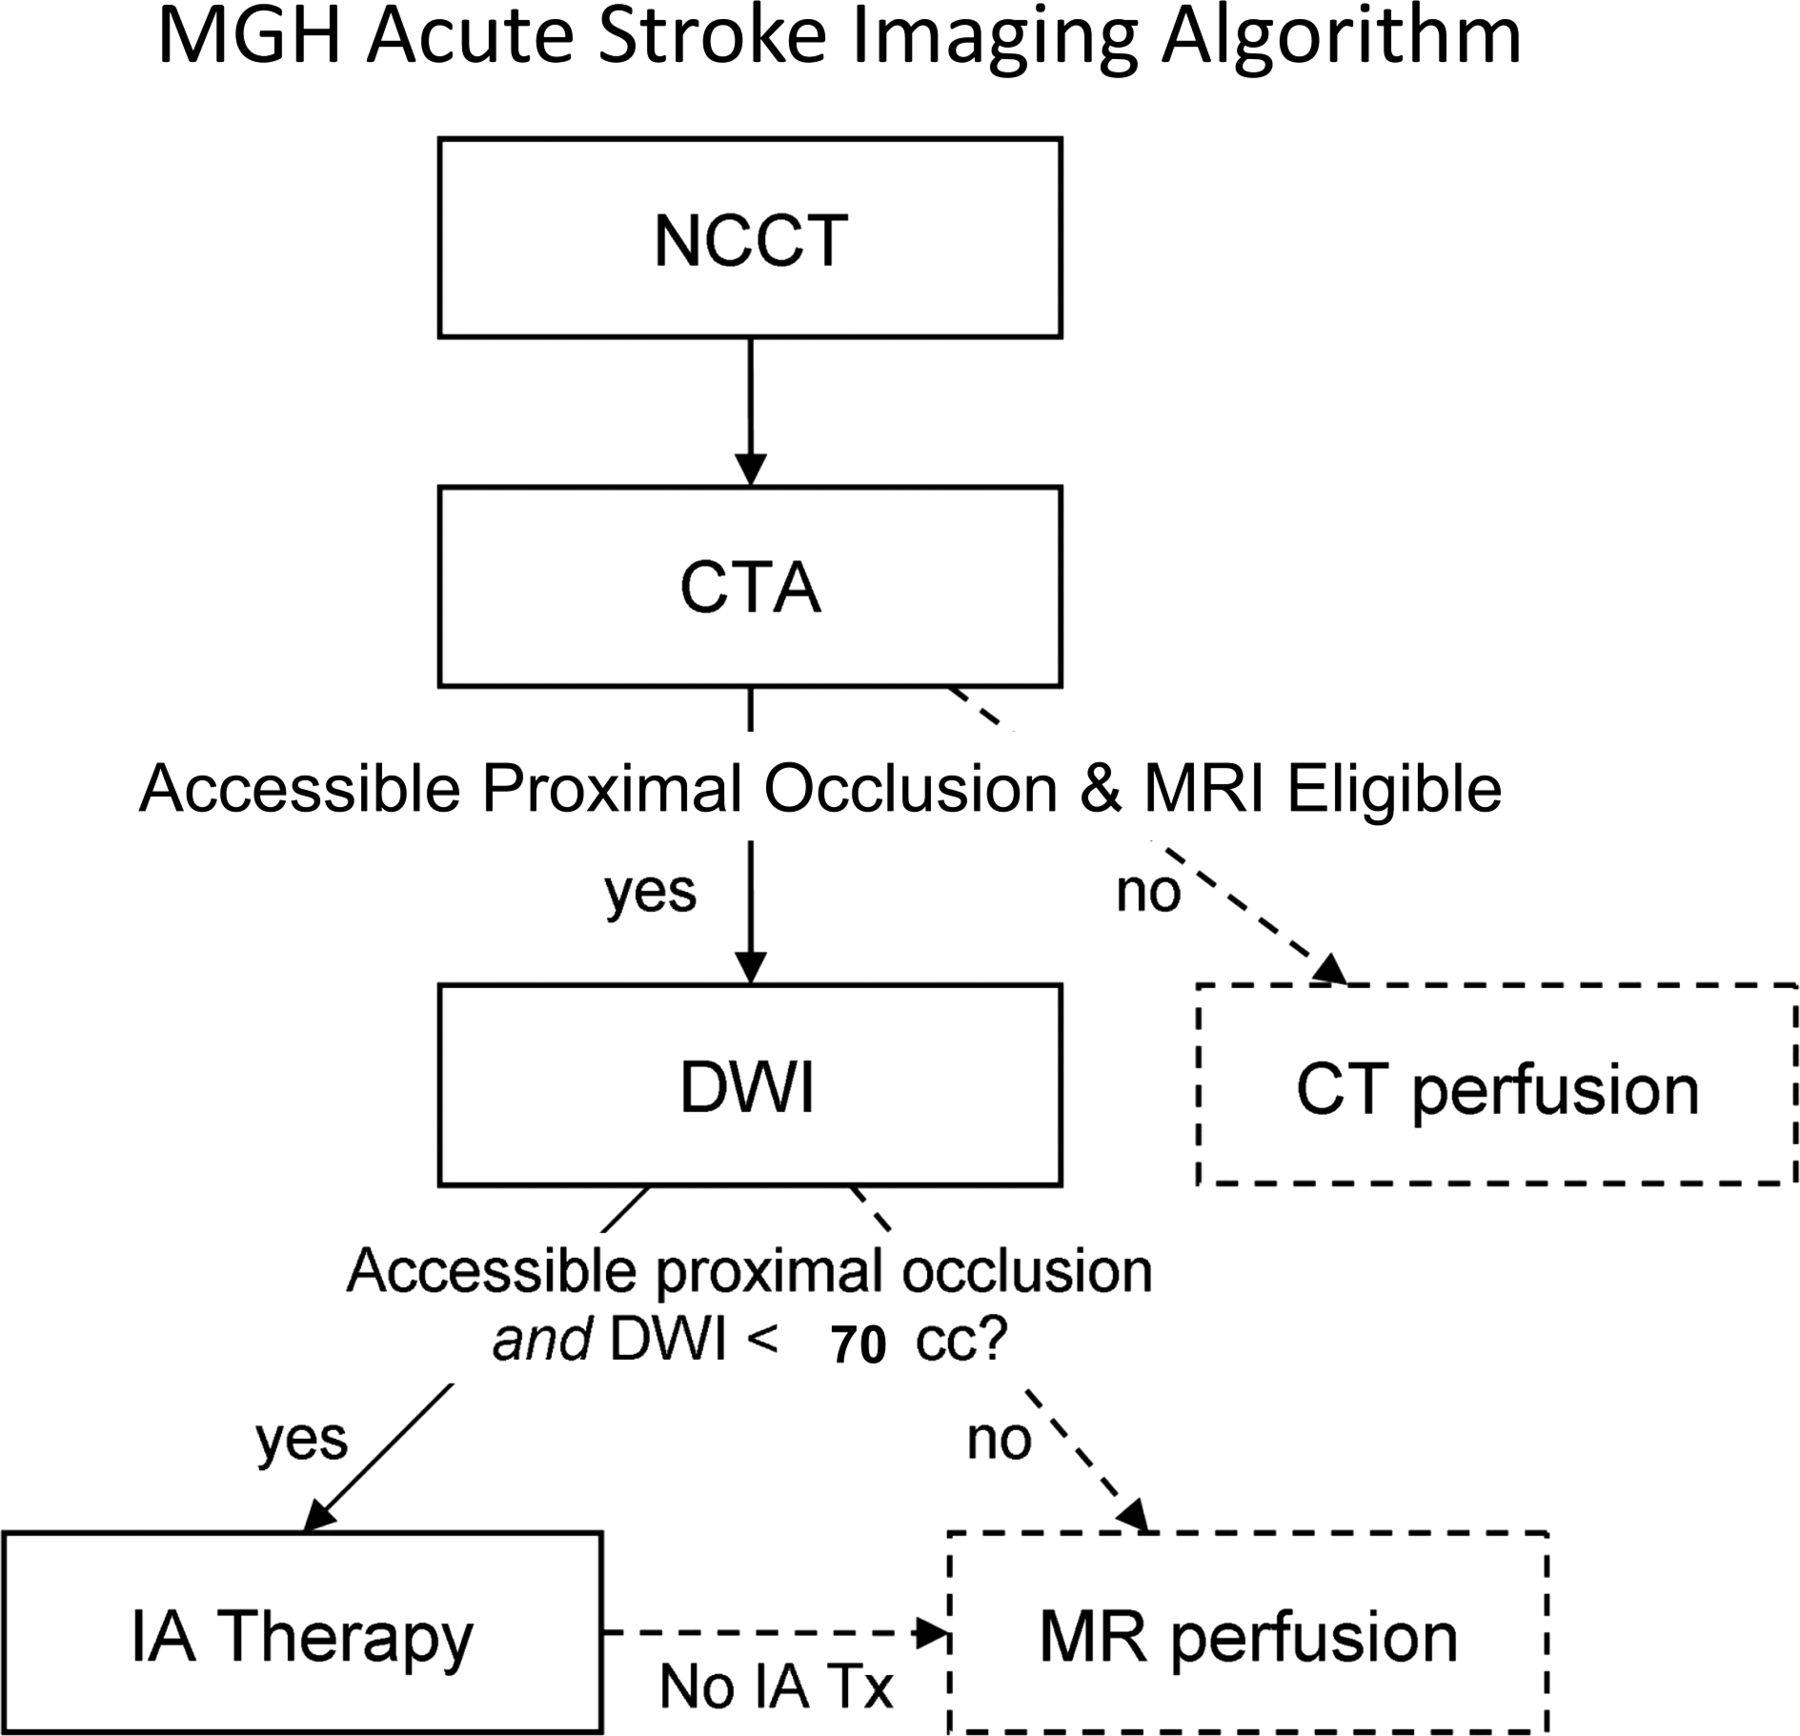 The Massachusetts General Hospital acute stroke imaging algorithm